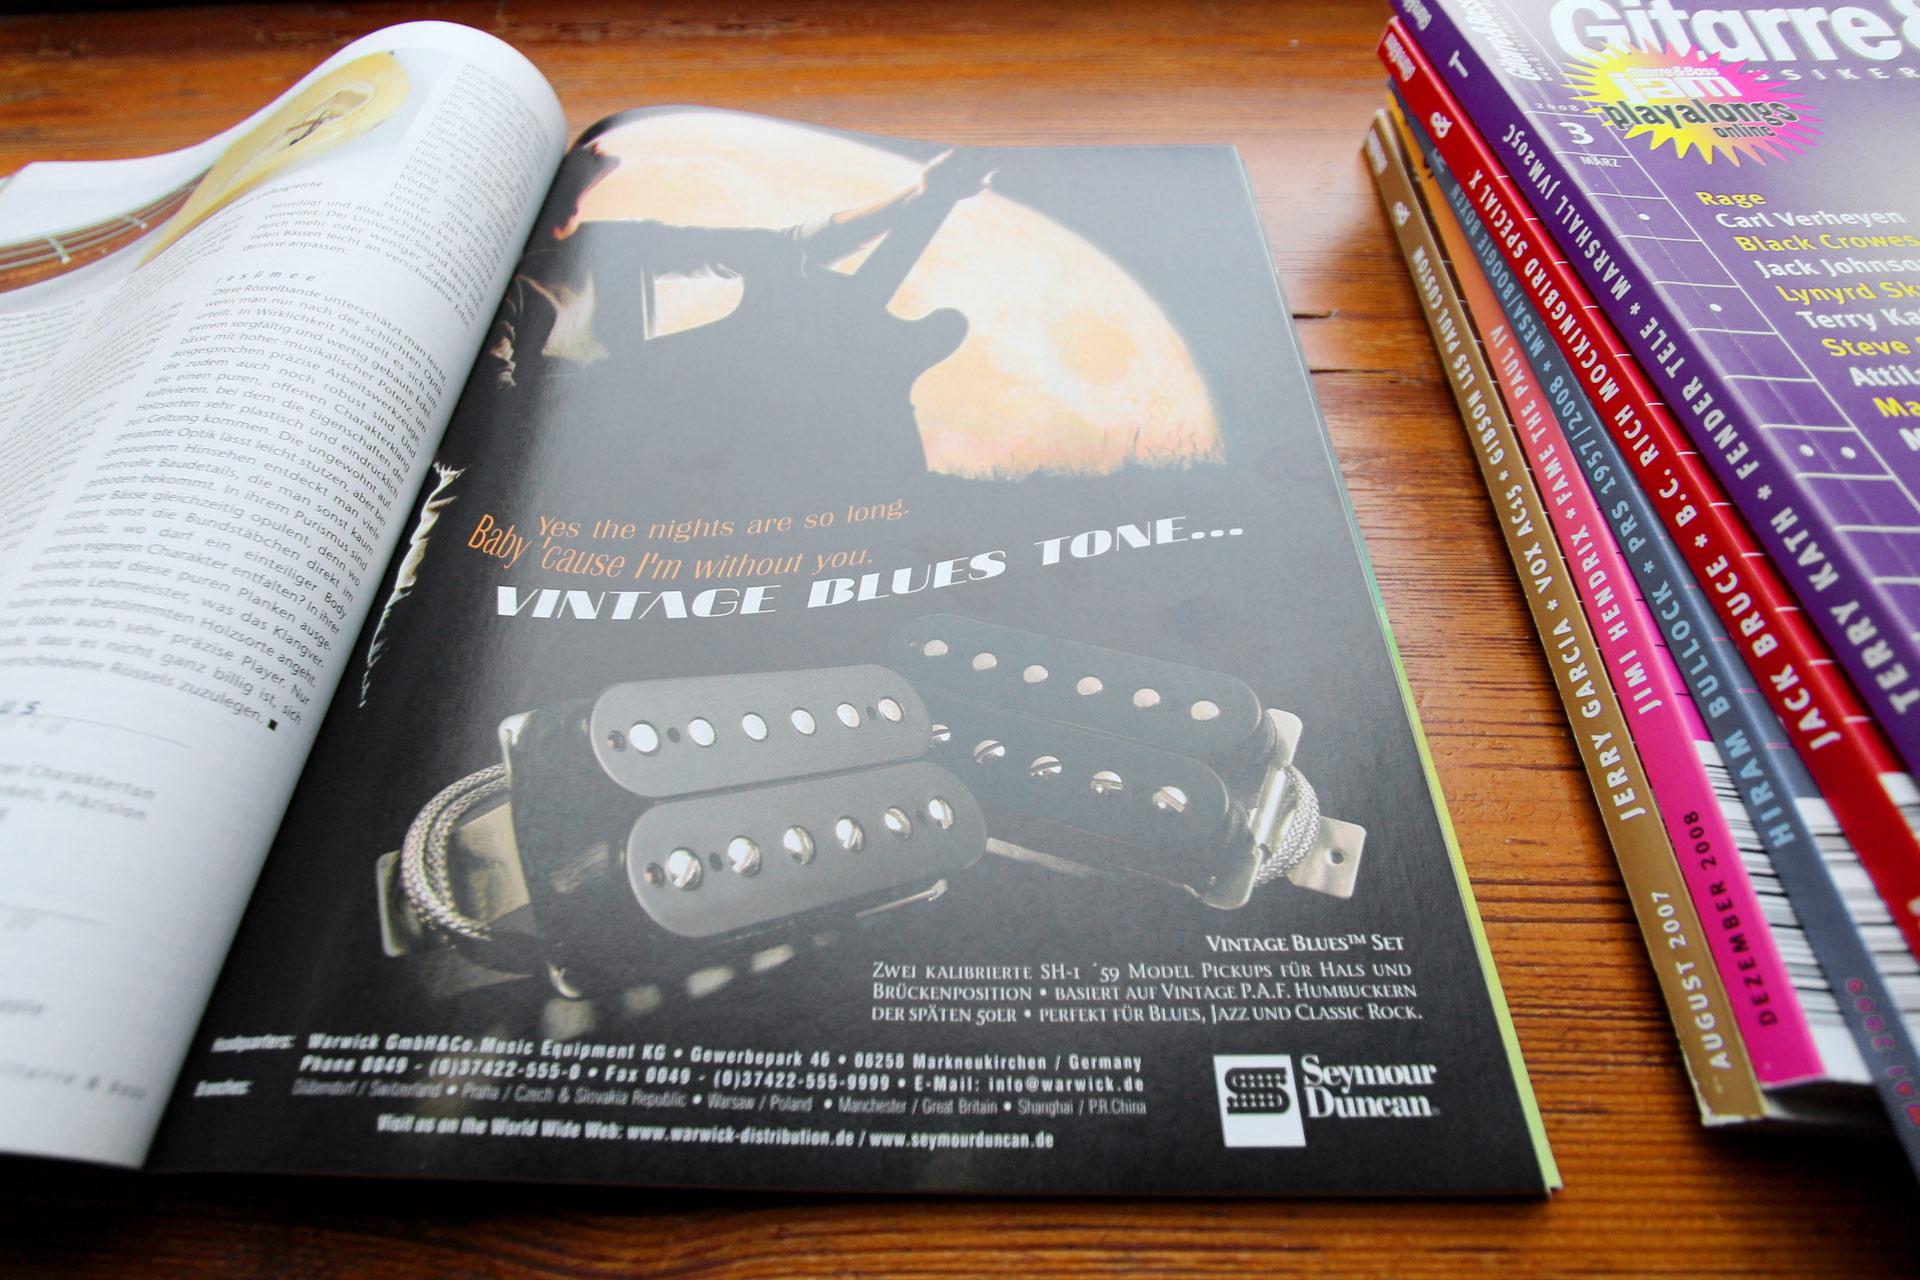 Seymour Duncan Advertisement